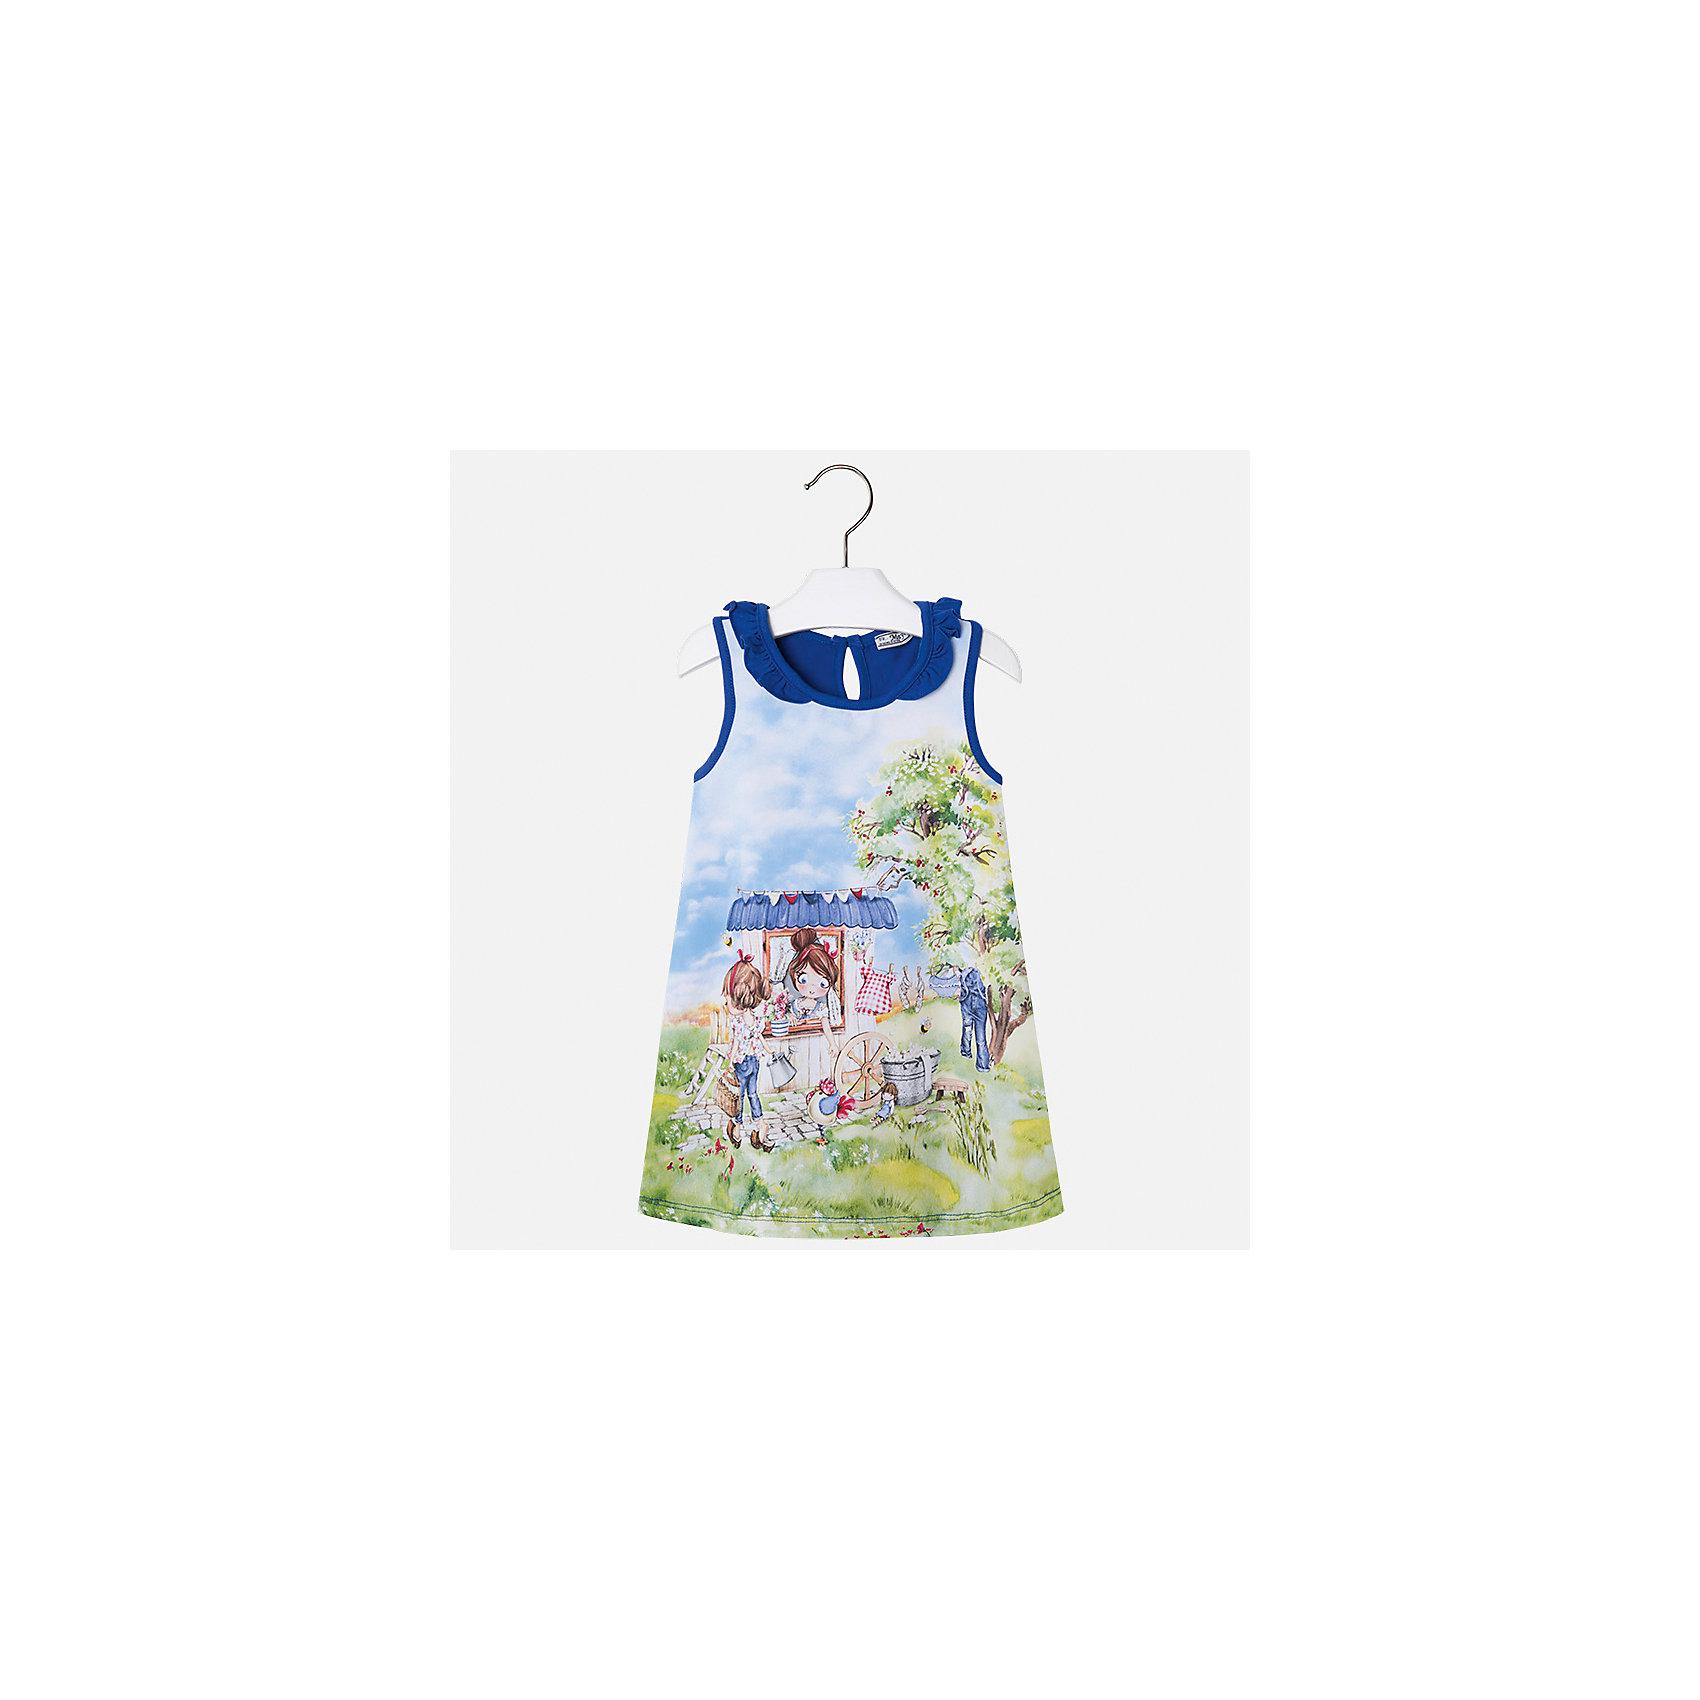 Платье для девочки MayoralЛетние платья и сарафаны<br>Характеристики товара:<br><br>• цвет: синий<br>• состав: 95% хлопок, 5% эластан<br>• застежка: пуговица<br>• комбинированный материал<br>• без рукавов<br>• декорировано принтом<br>• страна бренда: Испания<br><br>Стильное платье для девочки поможет разнообразить гардероб ребенка и создать эффектный наряд. Оно подойдет для различных случаев. Красивый оттенок позволяет подобрать к вещи обувь разных расцветок. Платье хорошо сидит по фигуре. В составе материала - натуральный хлопок, гипоаллергенный, приятный на ощупь, дышащий.<br><br>Одежда, обувь и аксессуары от испанского бренда Mayoral полюбились детям и взрослым по всему миру. Модели этой марки - стильные и удобные. Для их производства используются только безопасные, качественные материалы и фурнитура. Порадуйте ребенка модными и красивыми вещами от Mayoral! <br><br>Платье для девочки от испанского бренда Mayoral (Майорал) можно купить в нашем интернет-магазине.<br><br>Ширина мм: 236<br>Глубина мм: 16<br>Высота мм: 184<br>Вес г: 177<br>Цвет: синий<br>Возраст от месяцев: 36<br>Возраст до месяцев: 48<br>Пол: Женский<br>Возраст: Детский<br>Размер: 104,110,116,122,128,134,92,98<br>SKU: 5300672